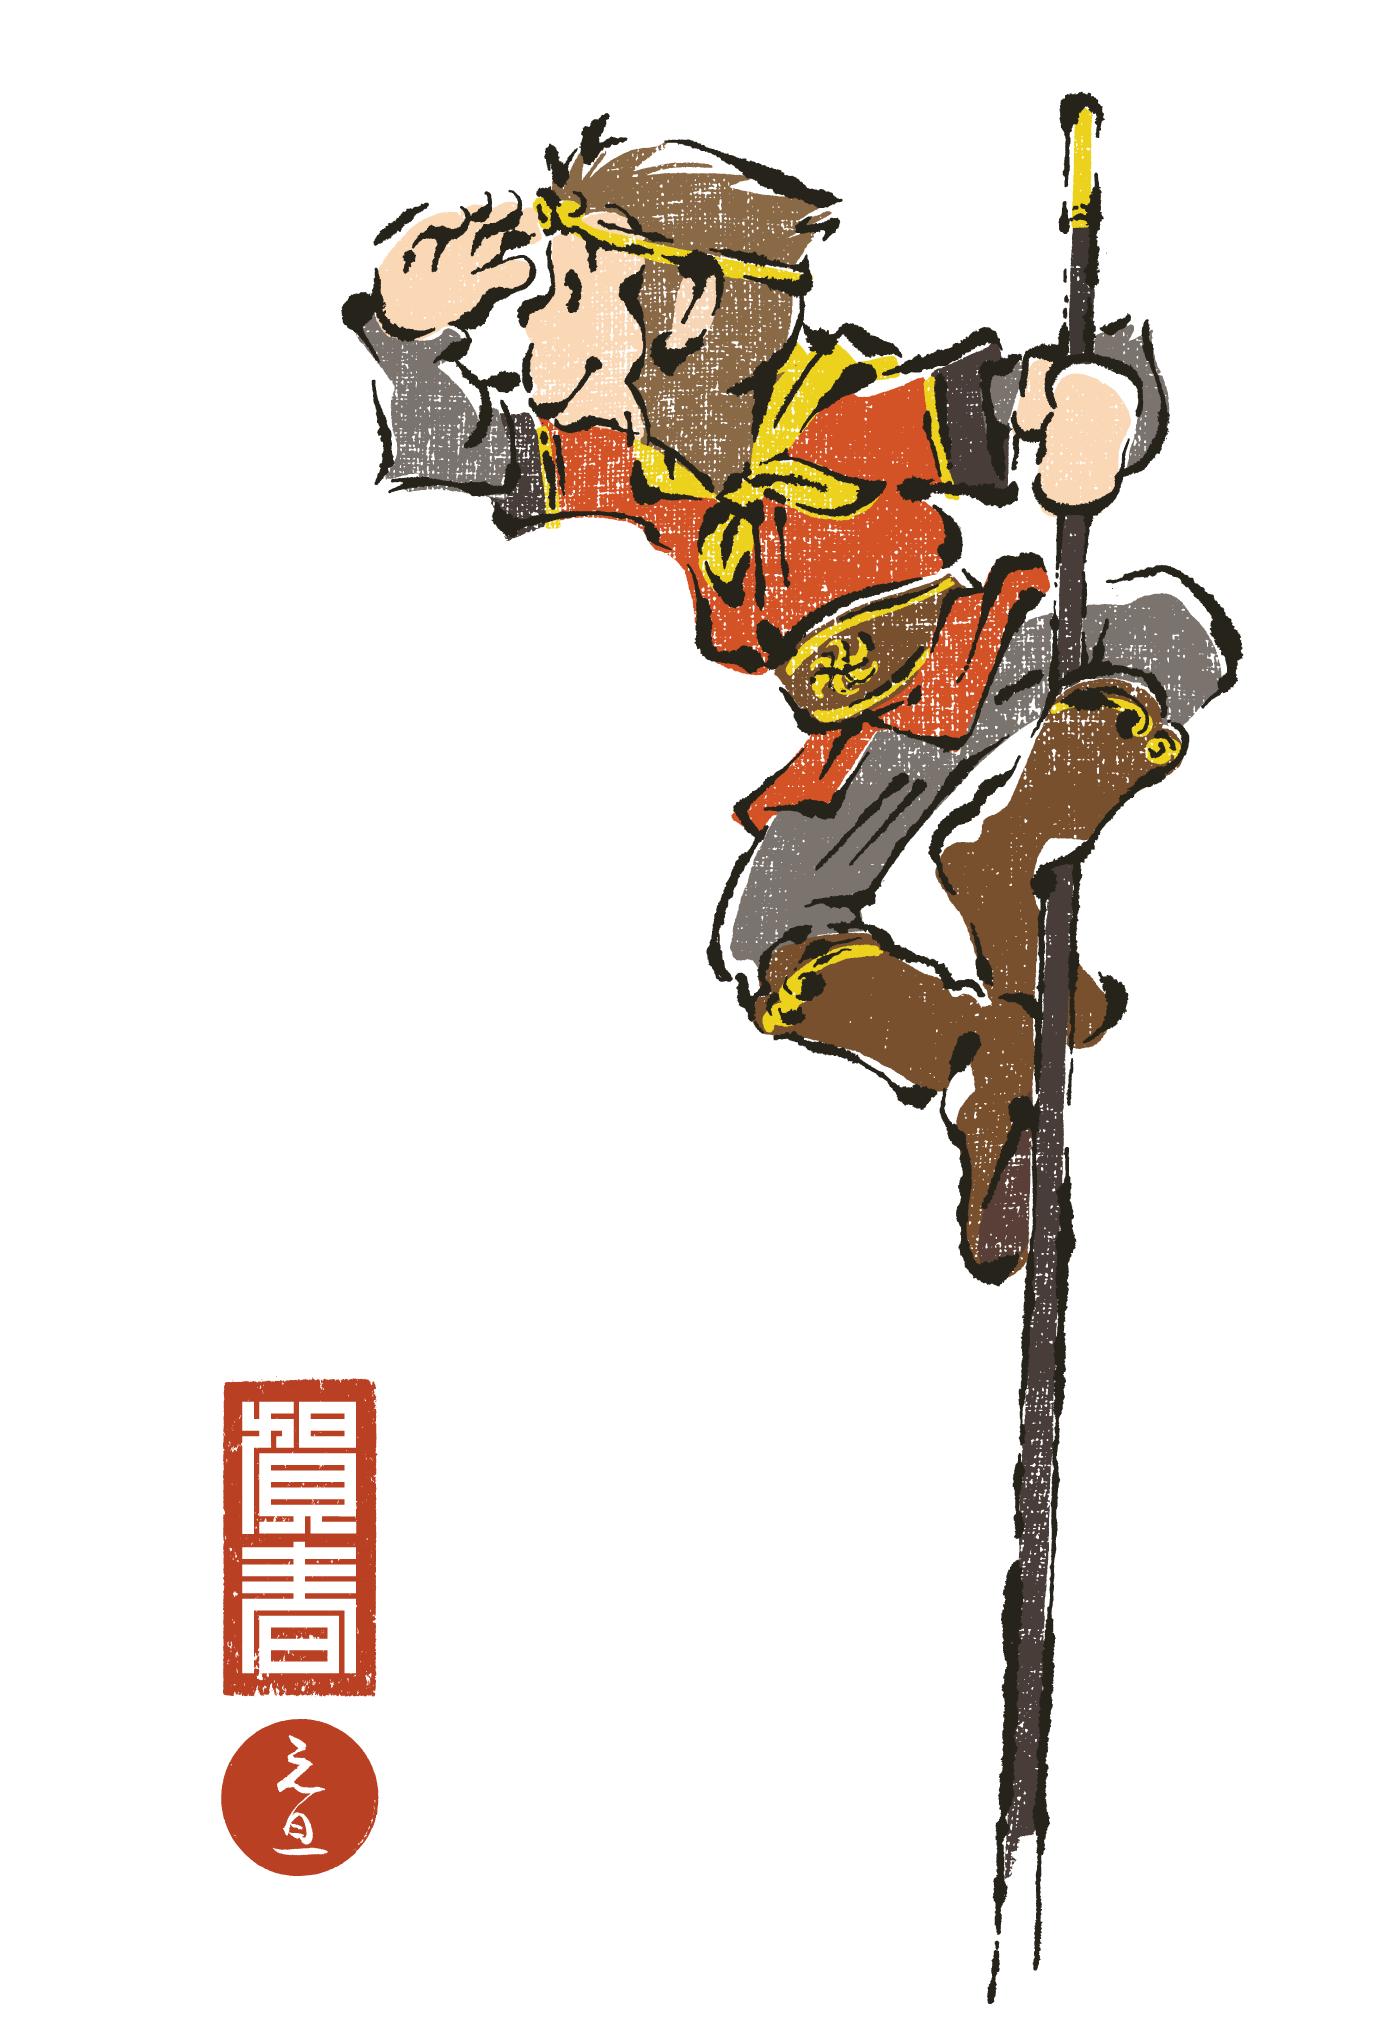 2016年賀状18-1:孫悟空(賀春彩色)/ redrawのダウンロード画像